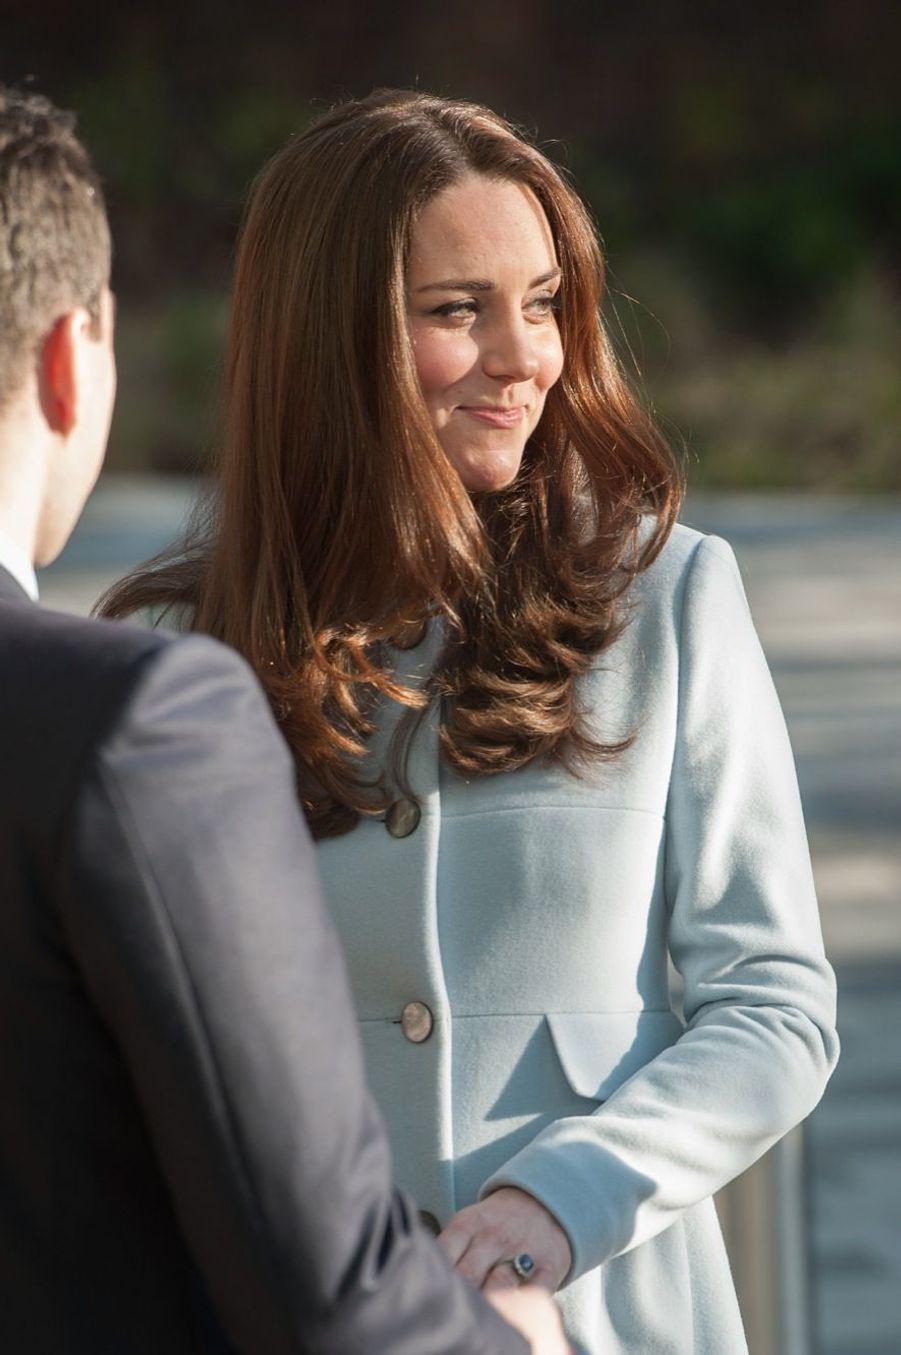 24 La Duchesse De Cambridge, Née Kate Middleton, En Visite À Kensington